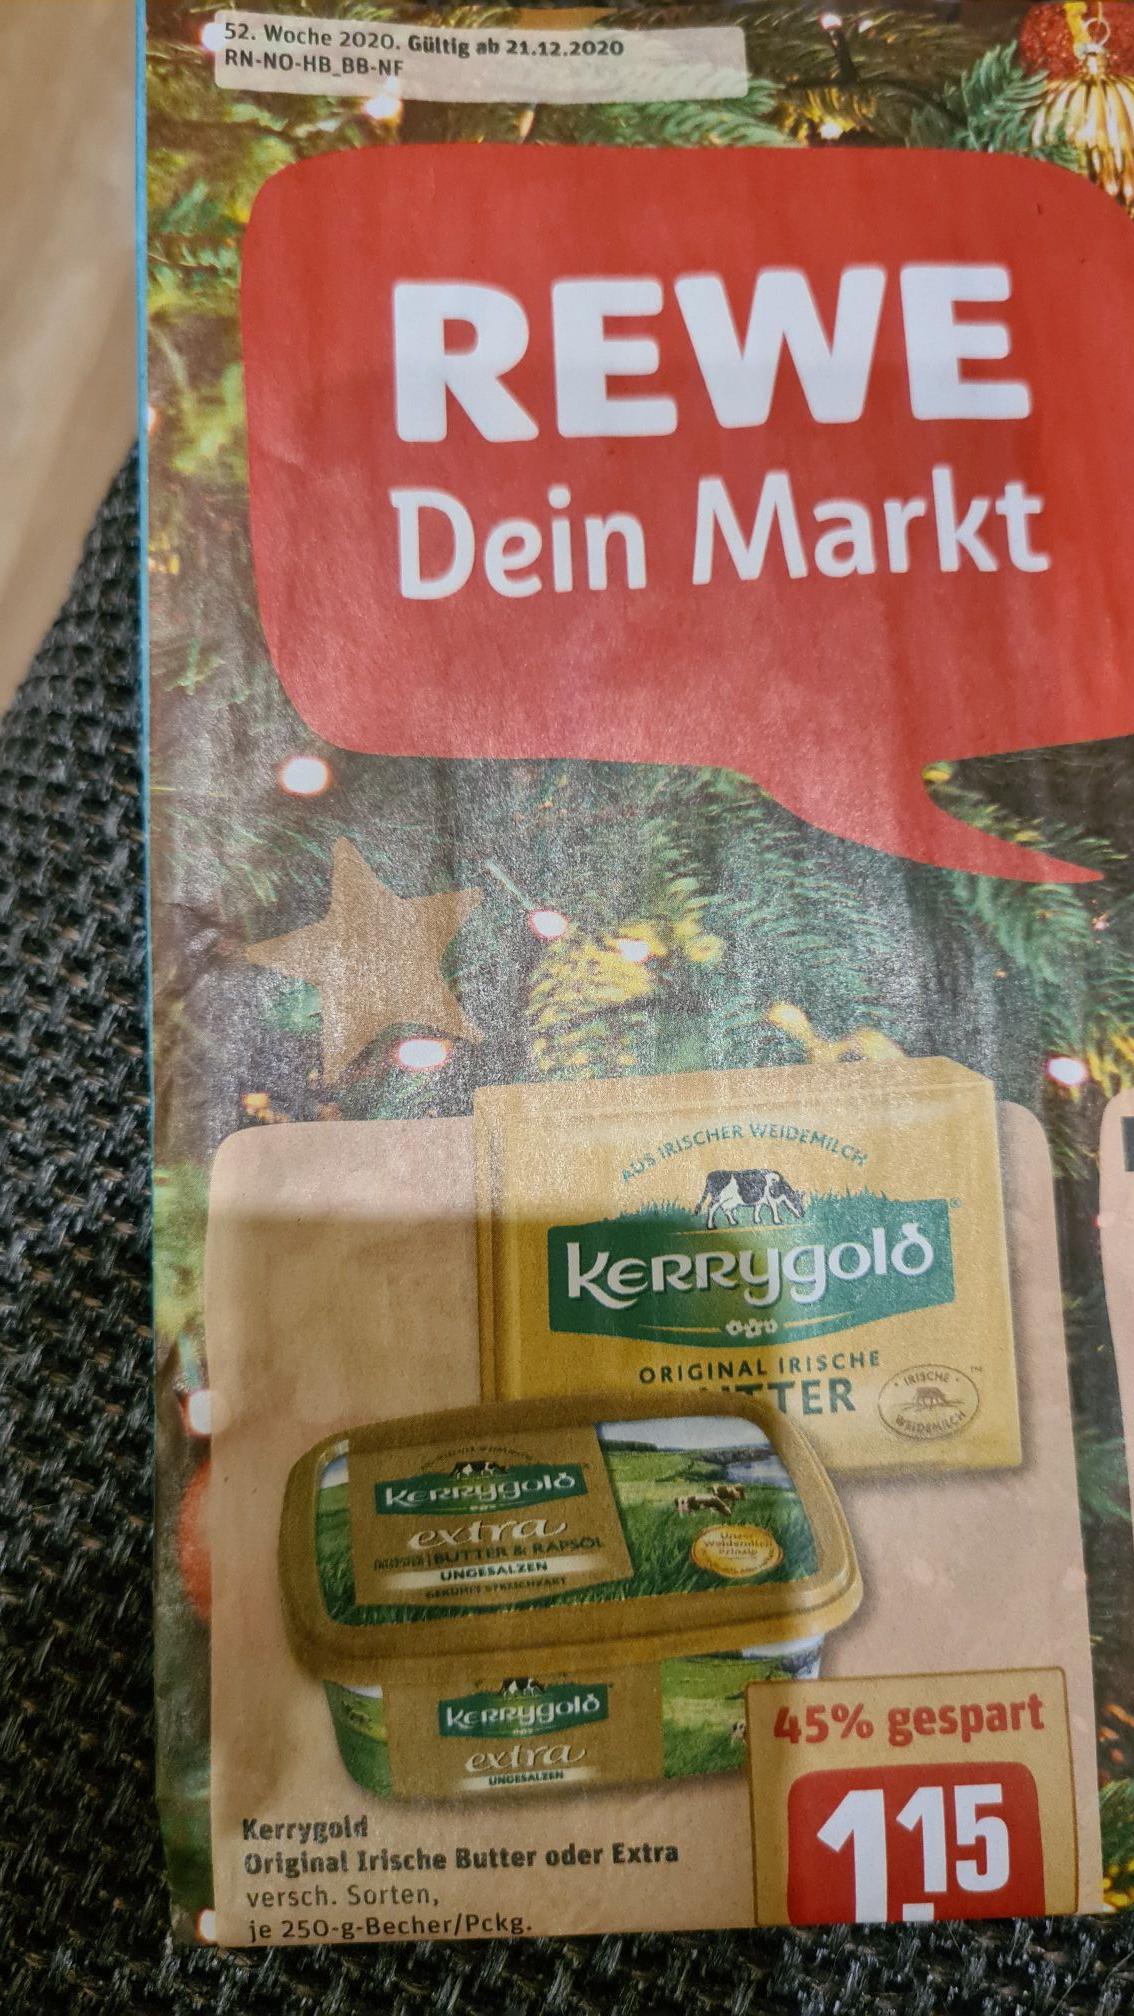 Kerrygold Original Irischen Butter oder extra